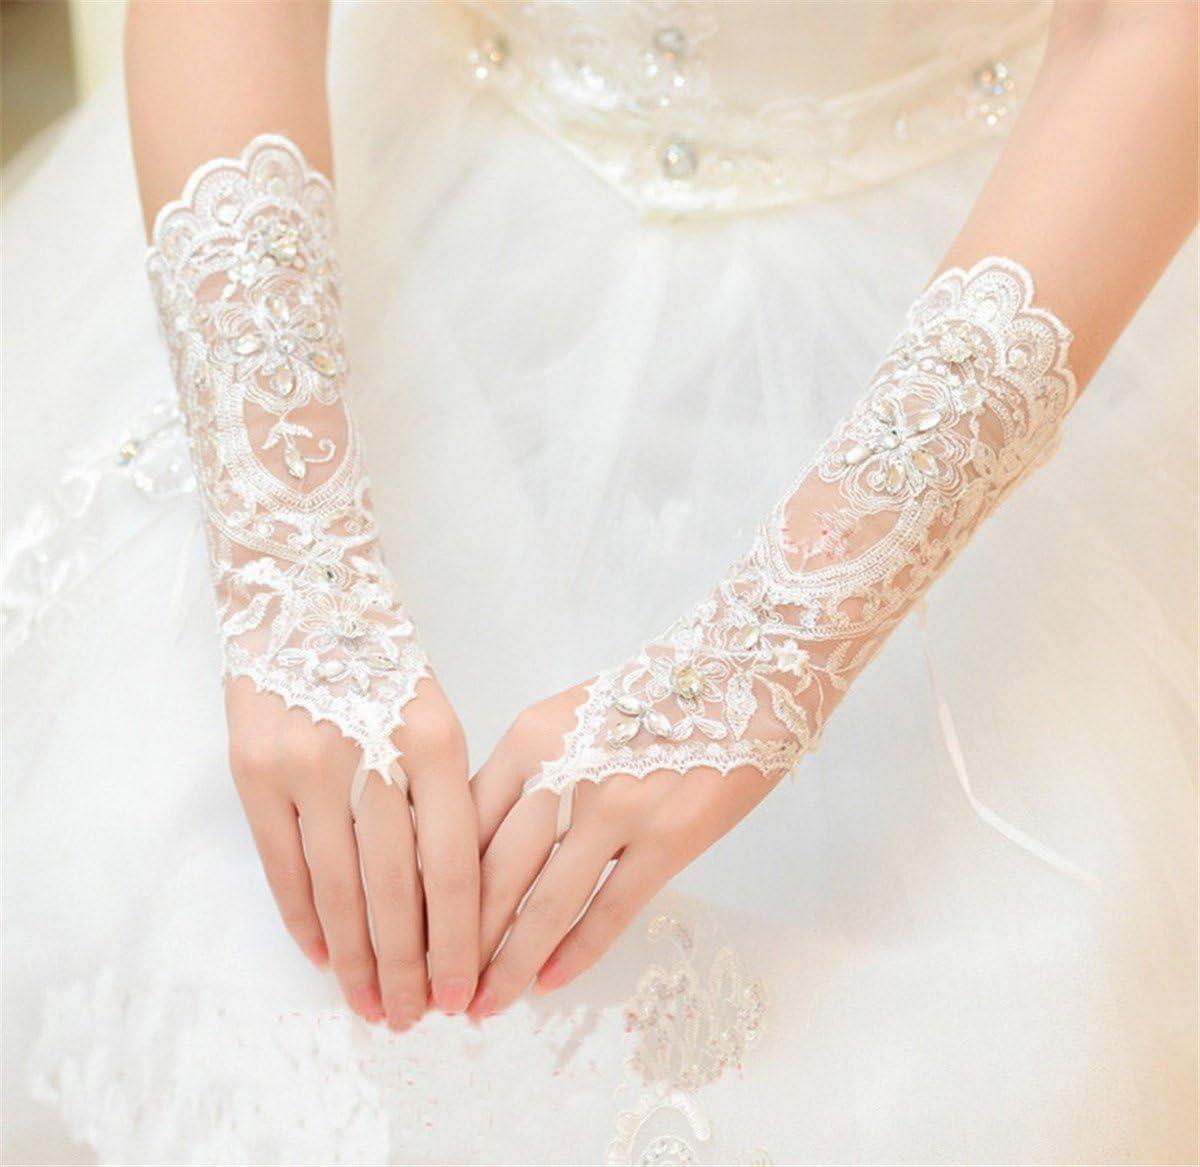 Lianshi 1 Paar Brauthandschuhe Fingerlose Spitze Blumen f/ür Hochzeit Braut Abschlussball Partei